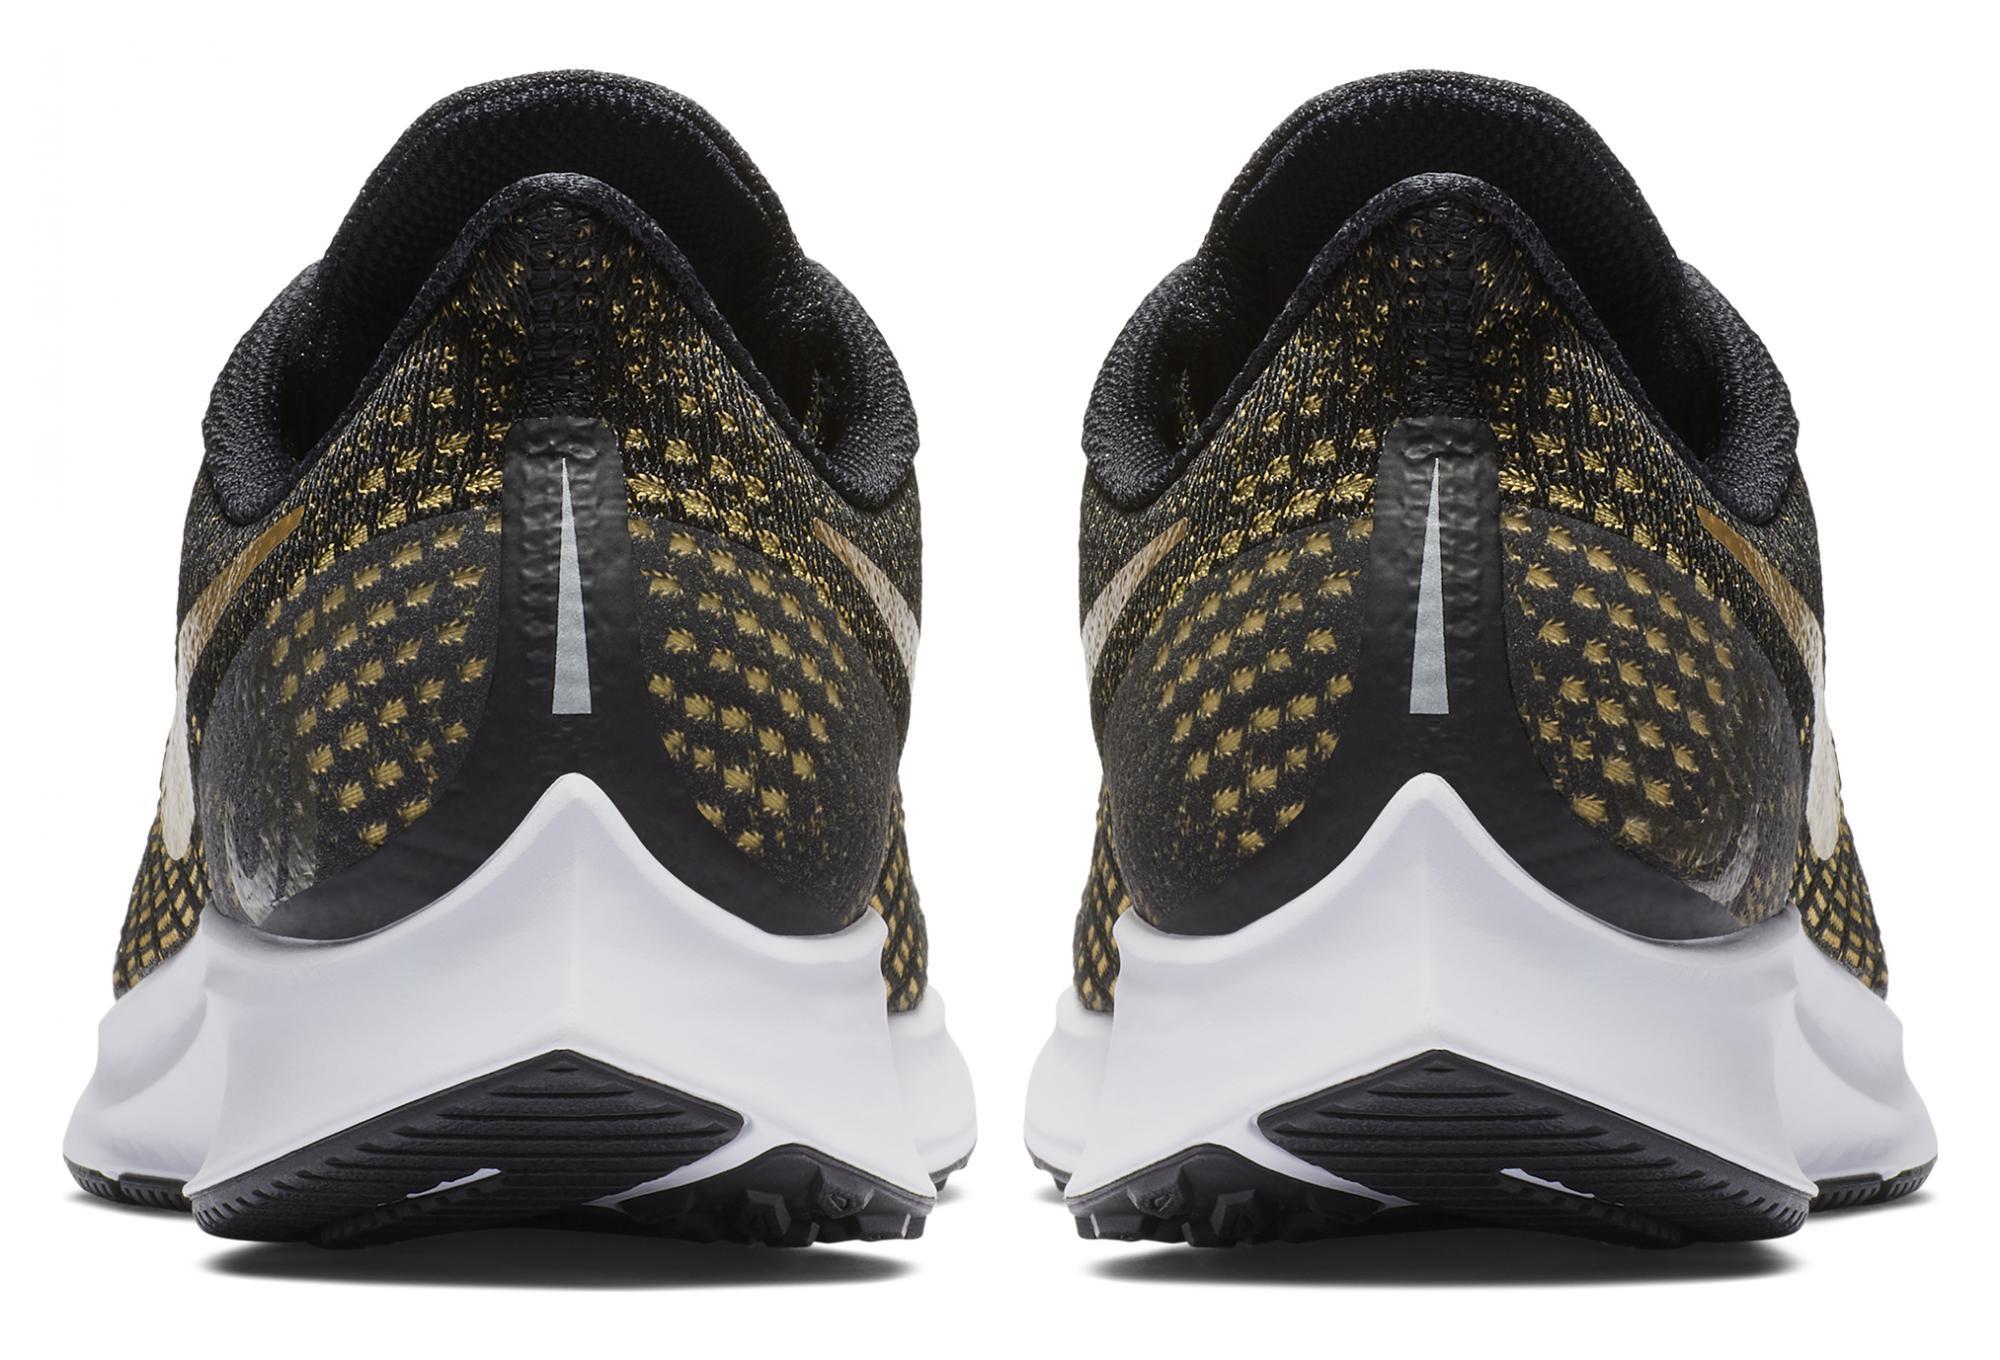 35 Nike Air Chaussures De Running Zoom Or Noir Femme Pegasus qF0tI